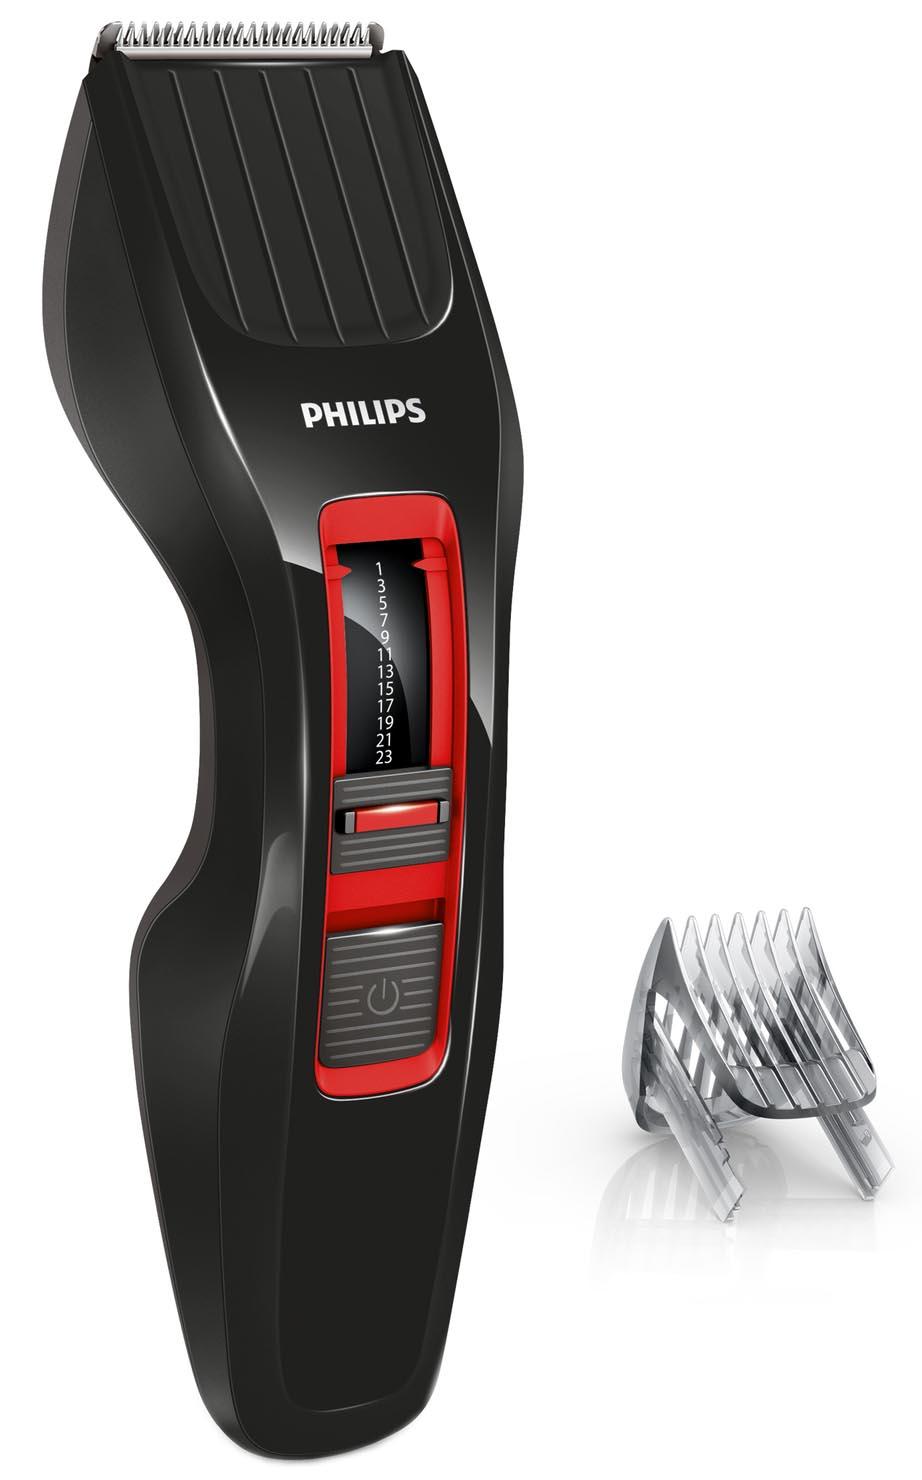 Qui troverete l immagine in alta risoluzione del Philips HC3420 15. 0f997d4f15e3